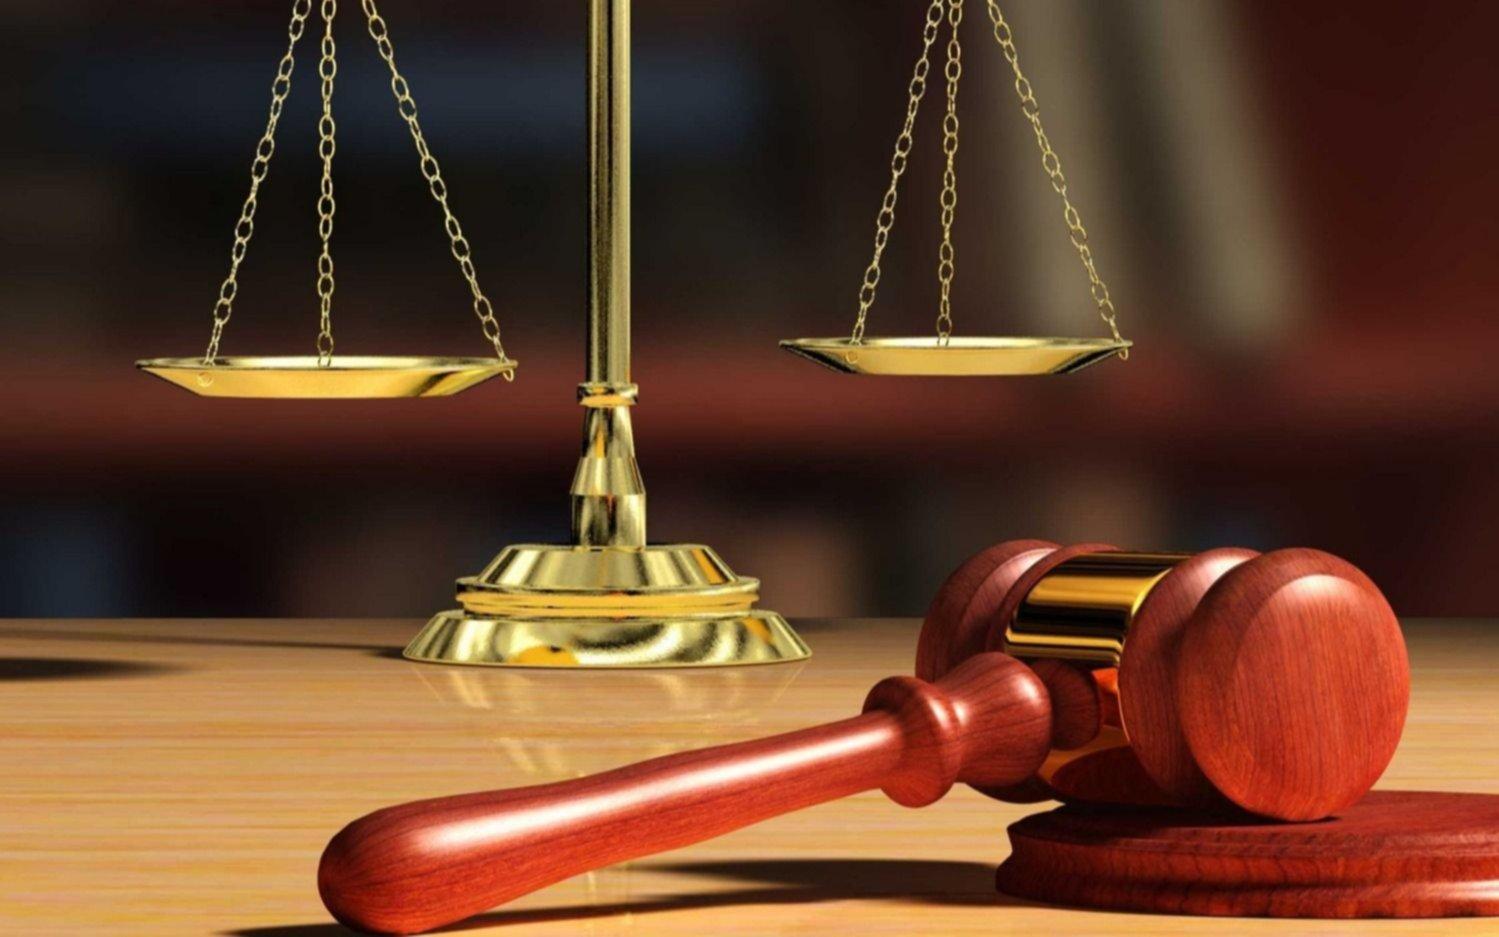 Moratoria: juicio de apremio y discusión